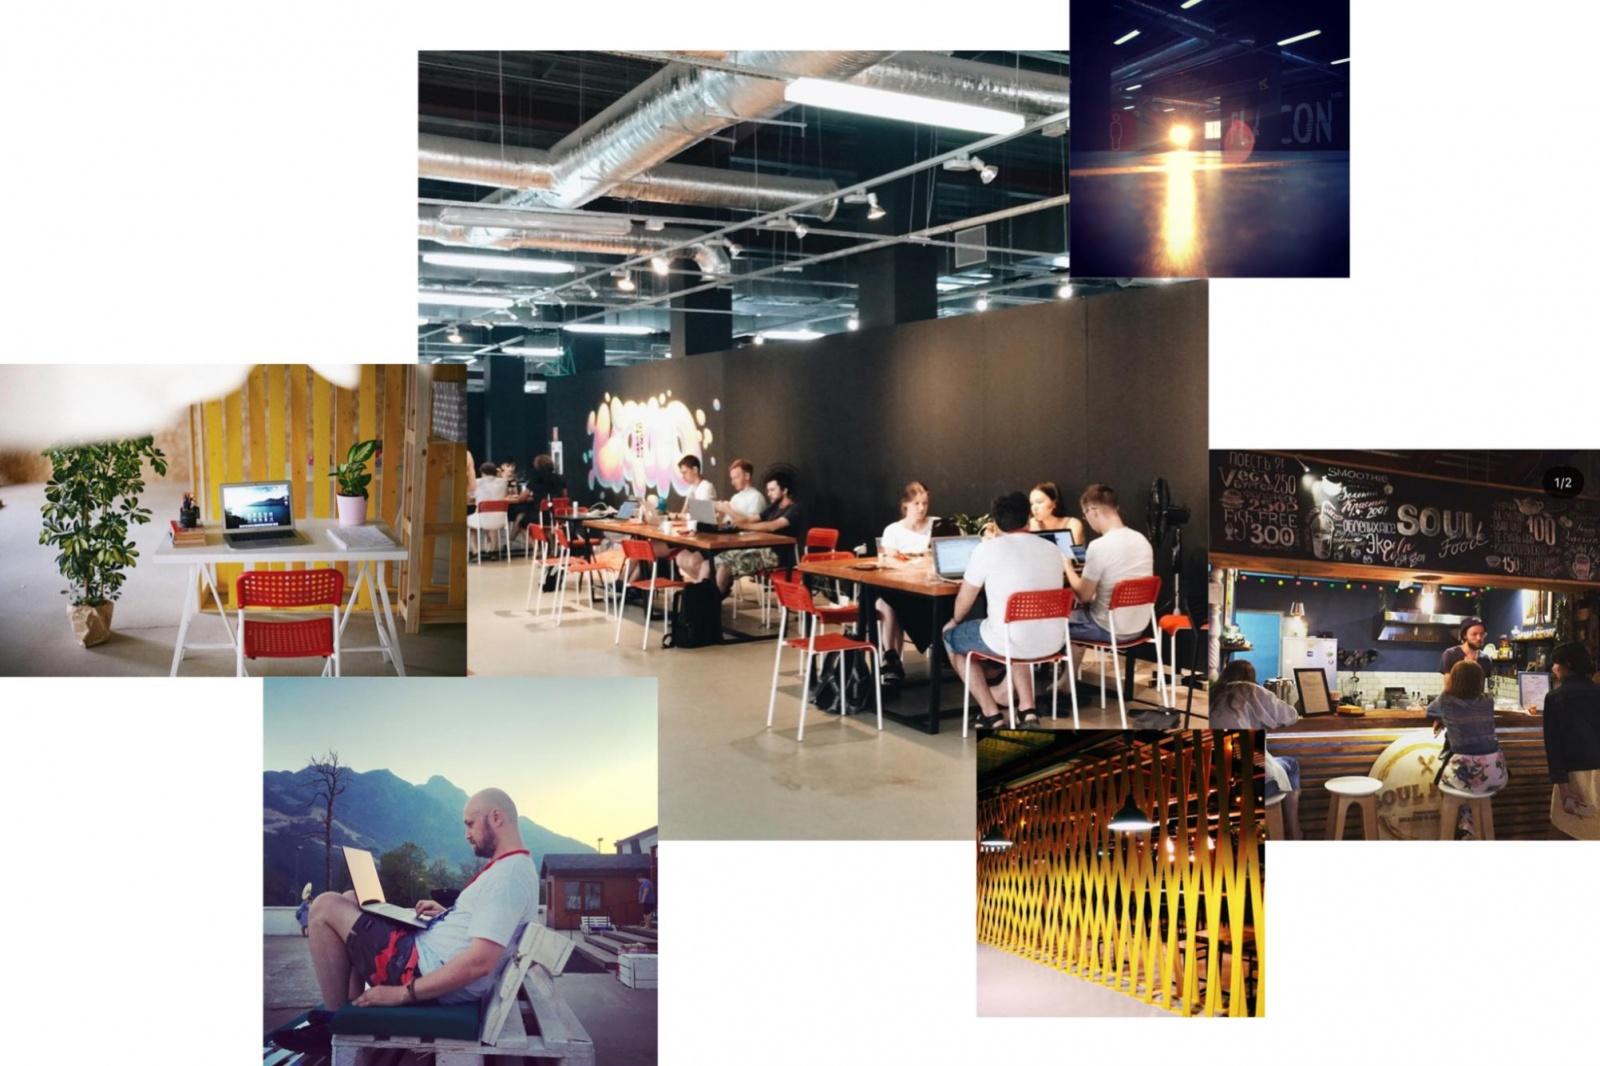 IT-camp в горах: как мы две недели совмещали программирование и экстрим - 4